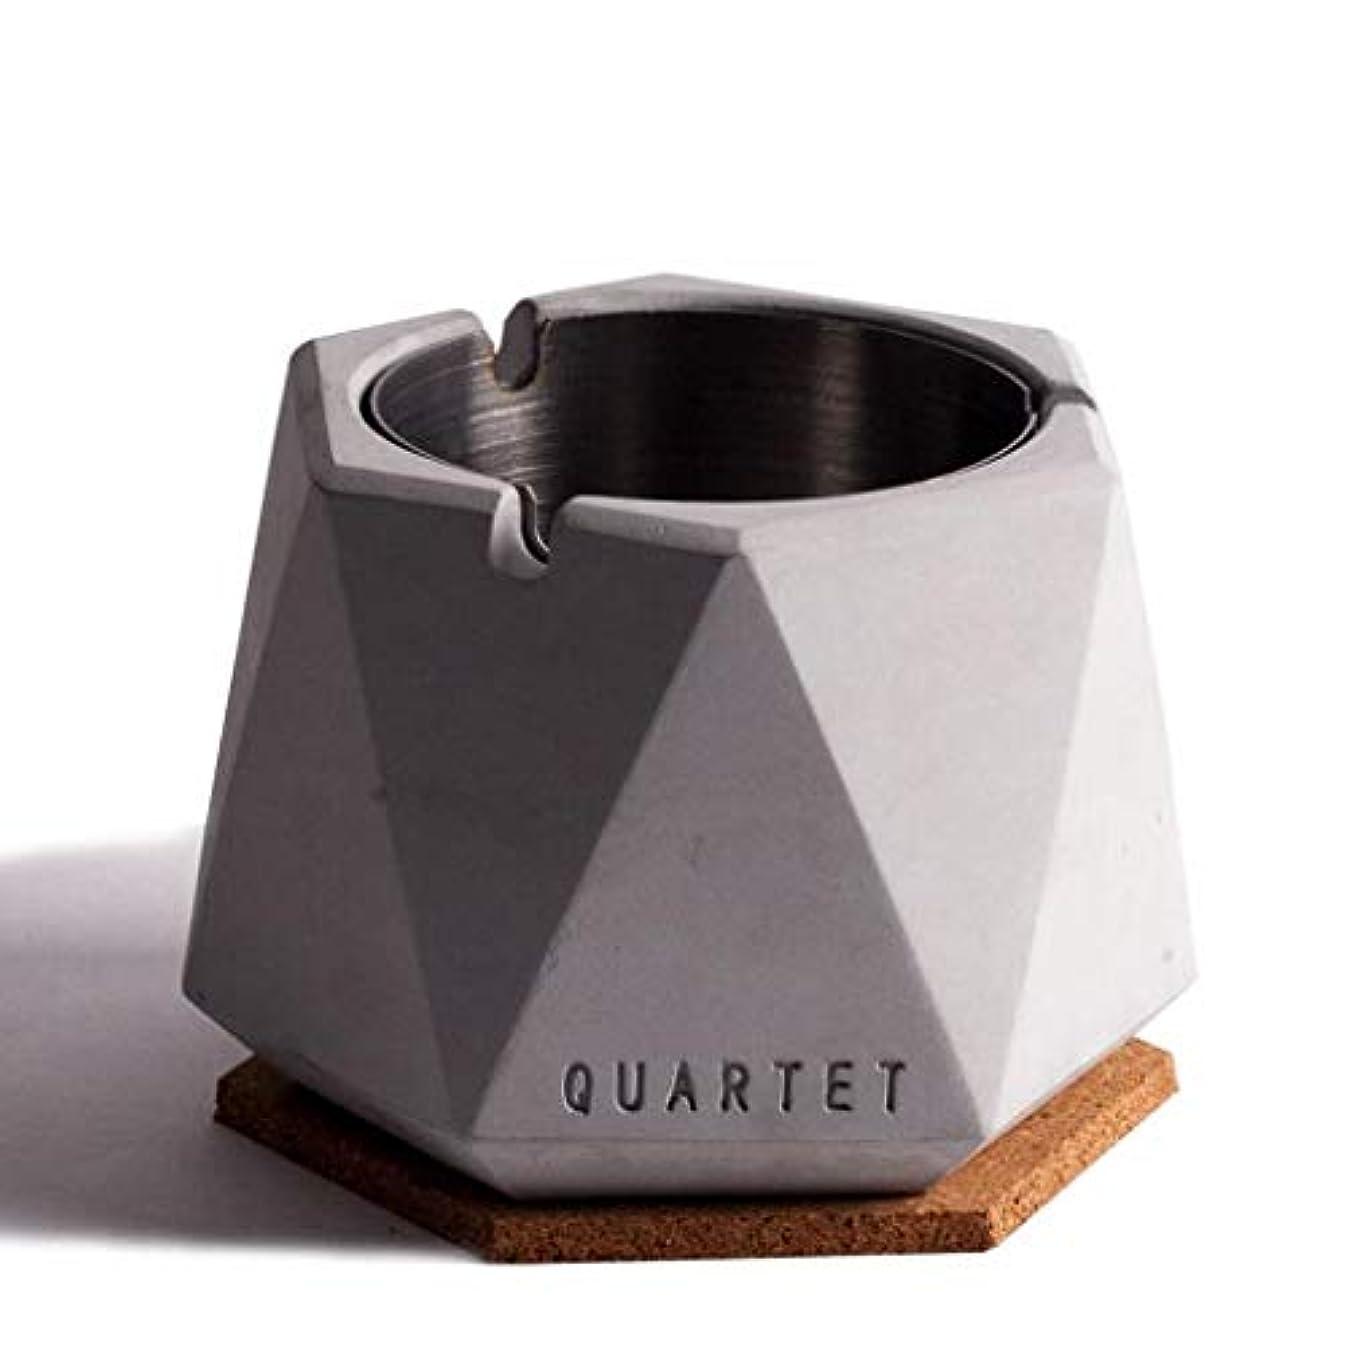 程度いいねカウンタ北欧シンプル風ステンレス鋼セメント灰皿人格クリエイティブホテルインターネットカフェバー北欧産業風ふた付き灰皿 QYSZYG (Color : C)